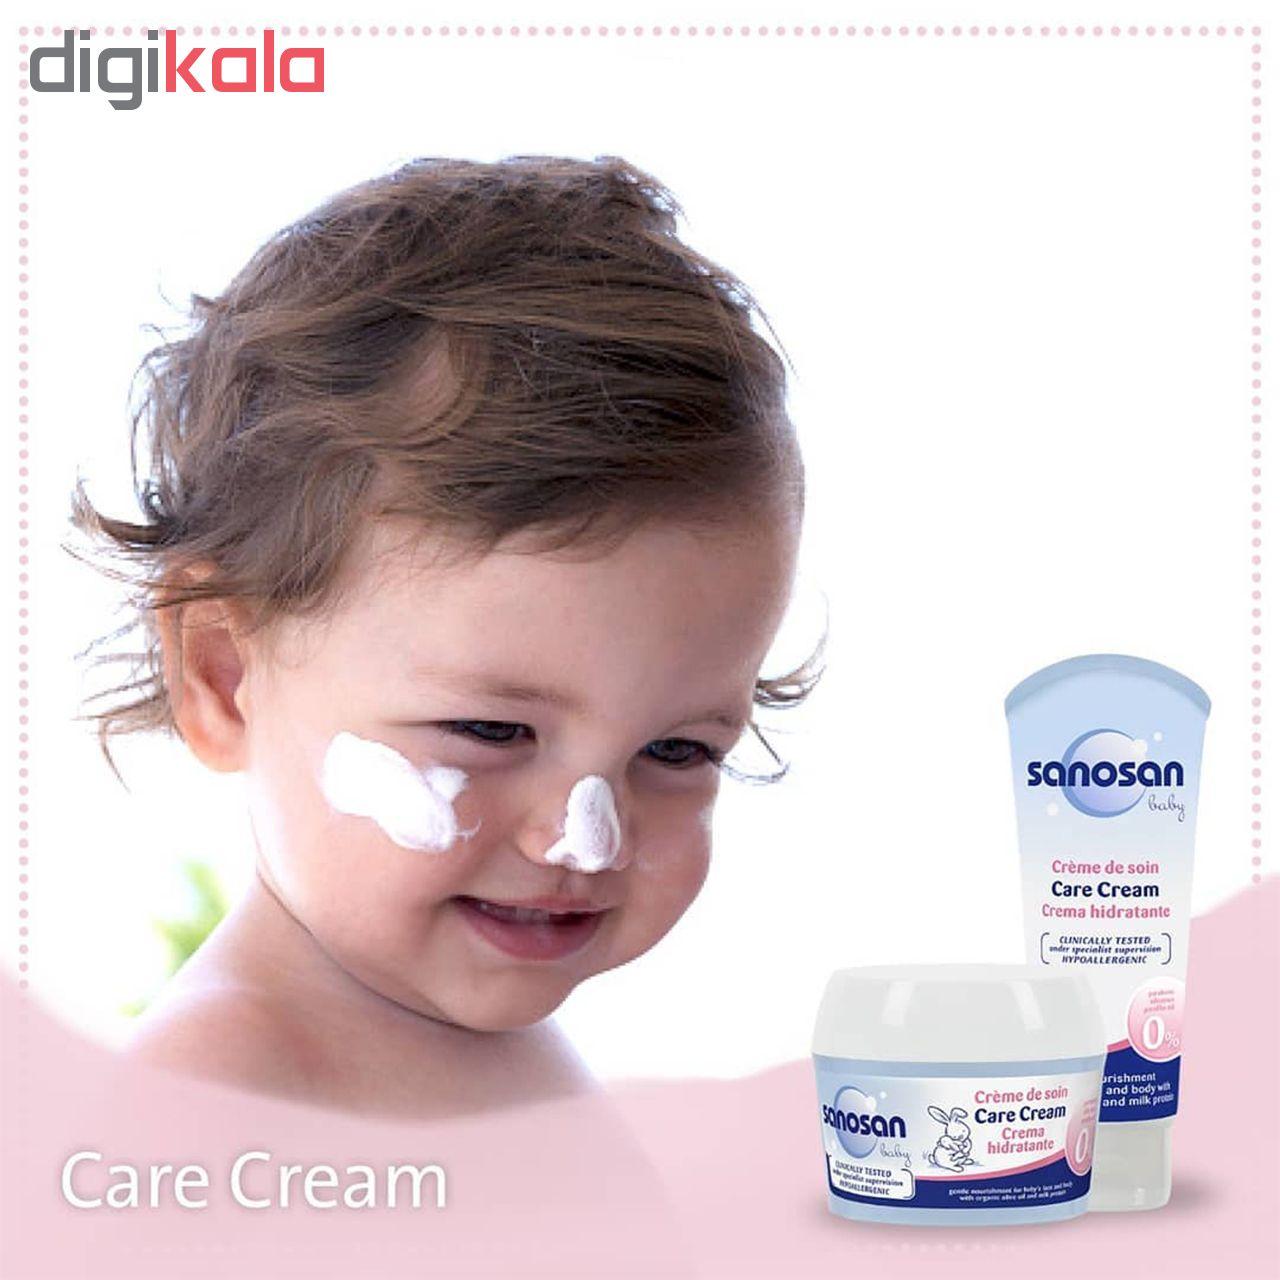 کرم مرطوب کننده کودک سانوسان مدل Care Cream حجم 75 میلی لیتر